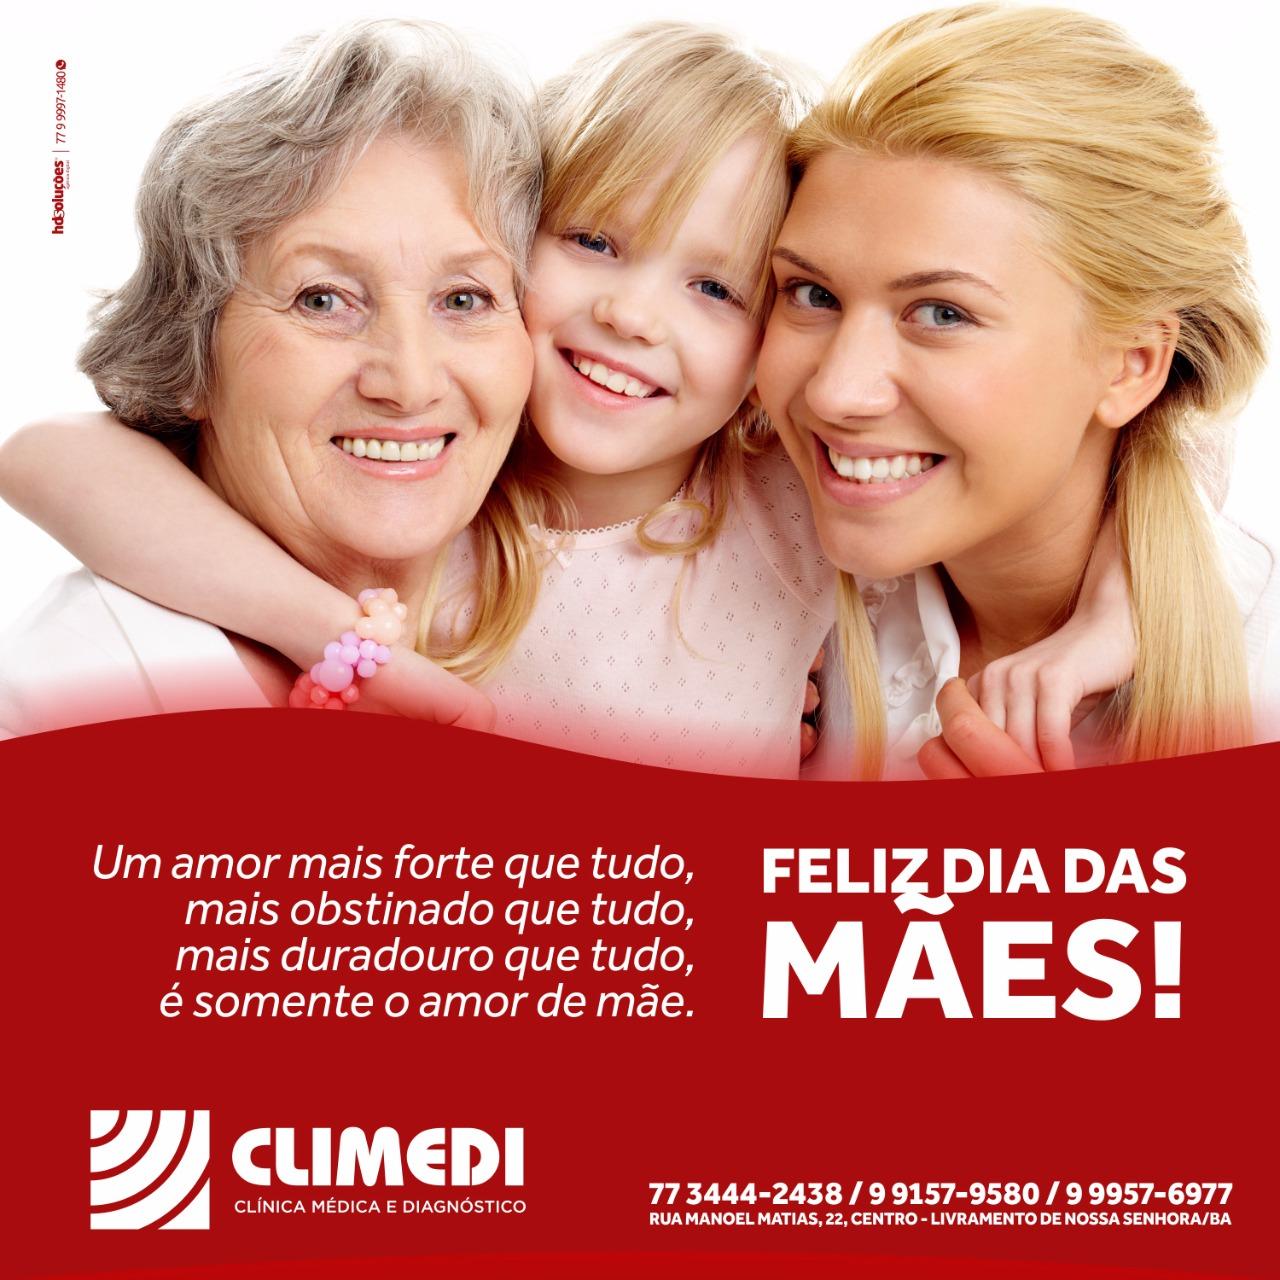 Feliz dia das Mães é o que deseja a Clínica Climedi a todas as Mães